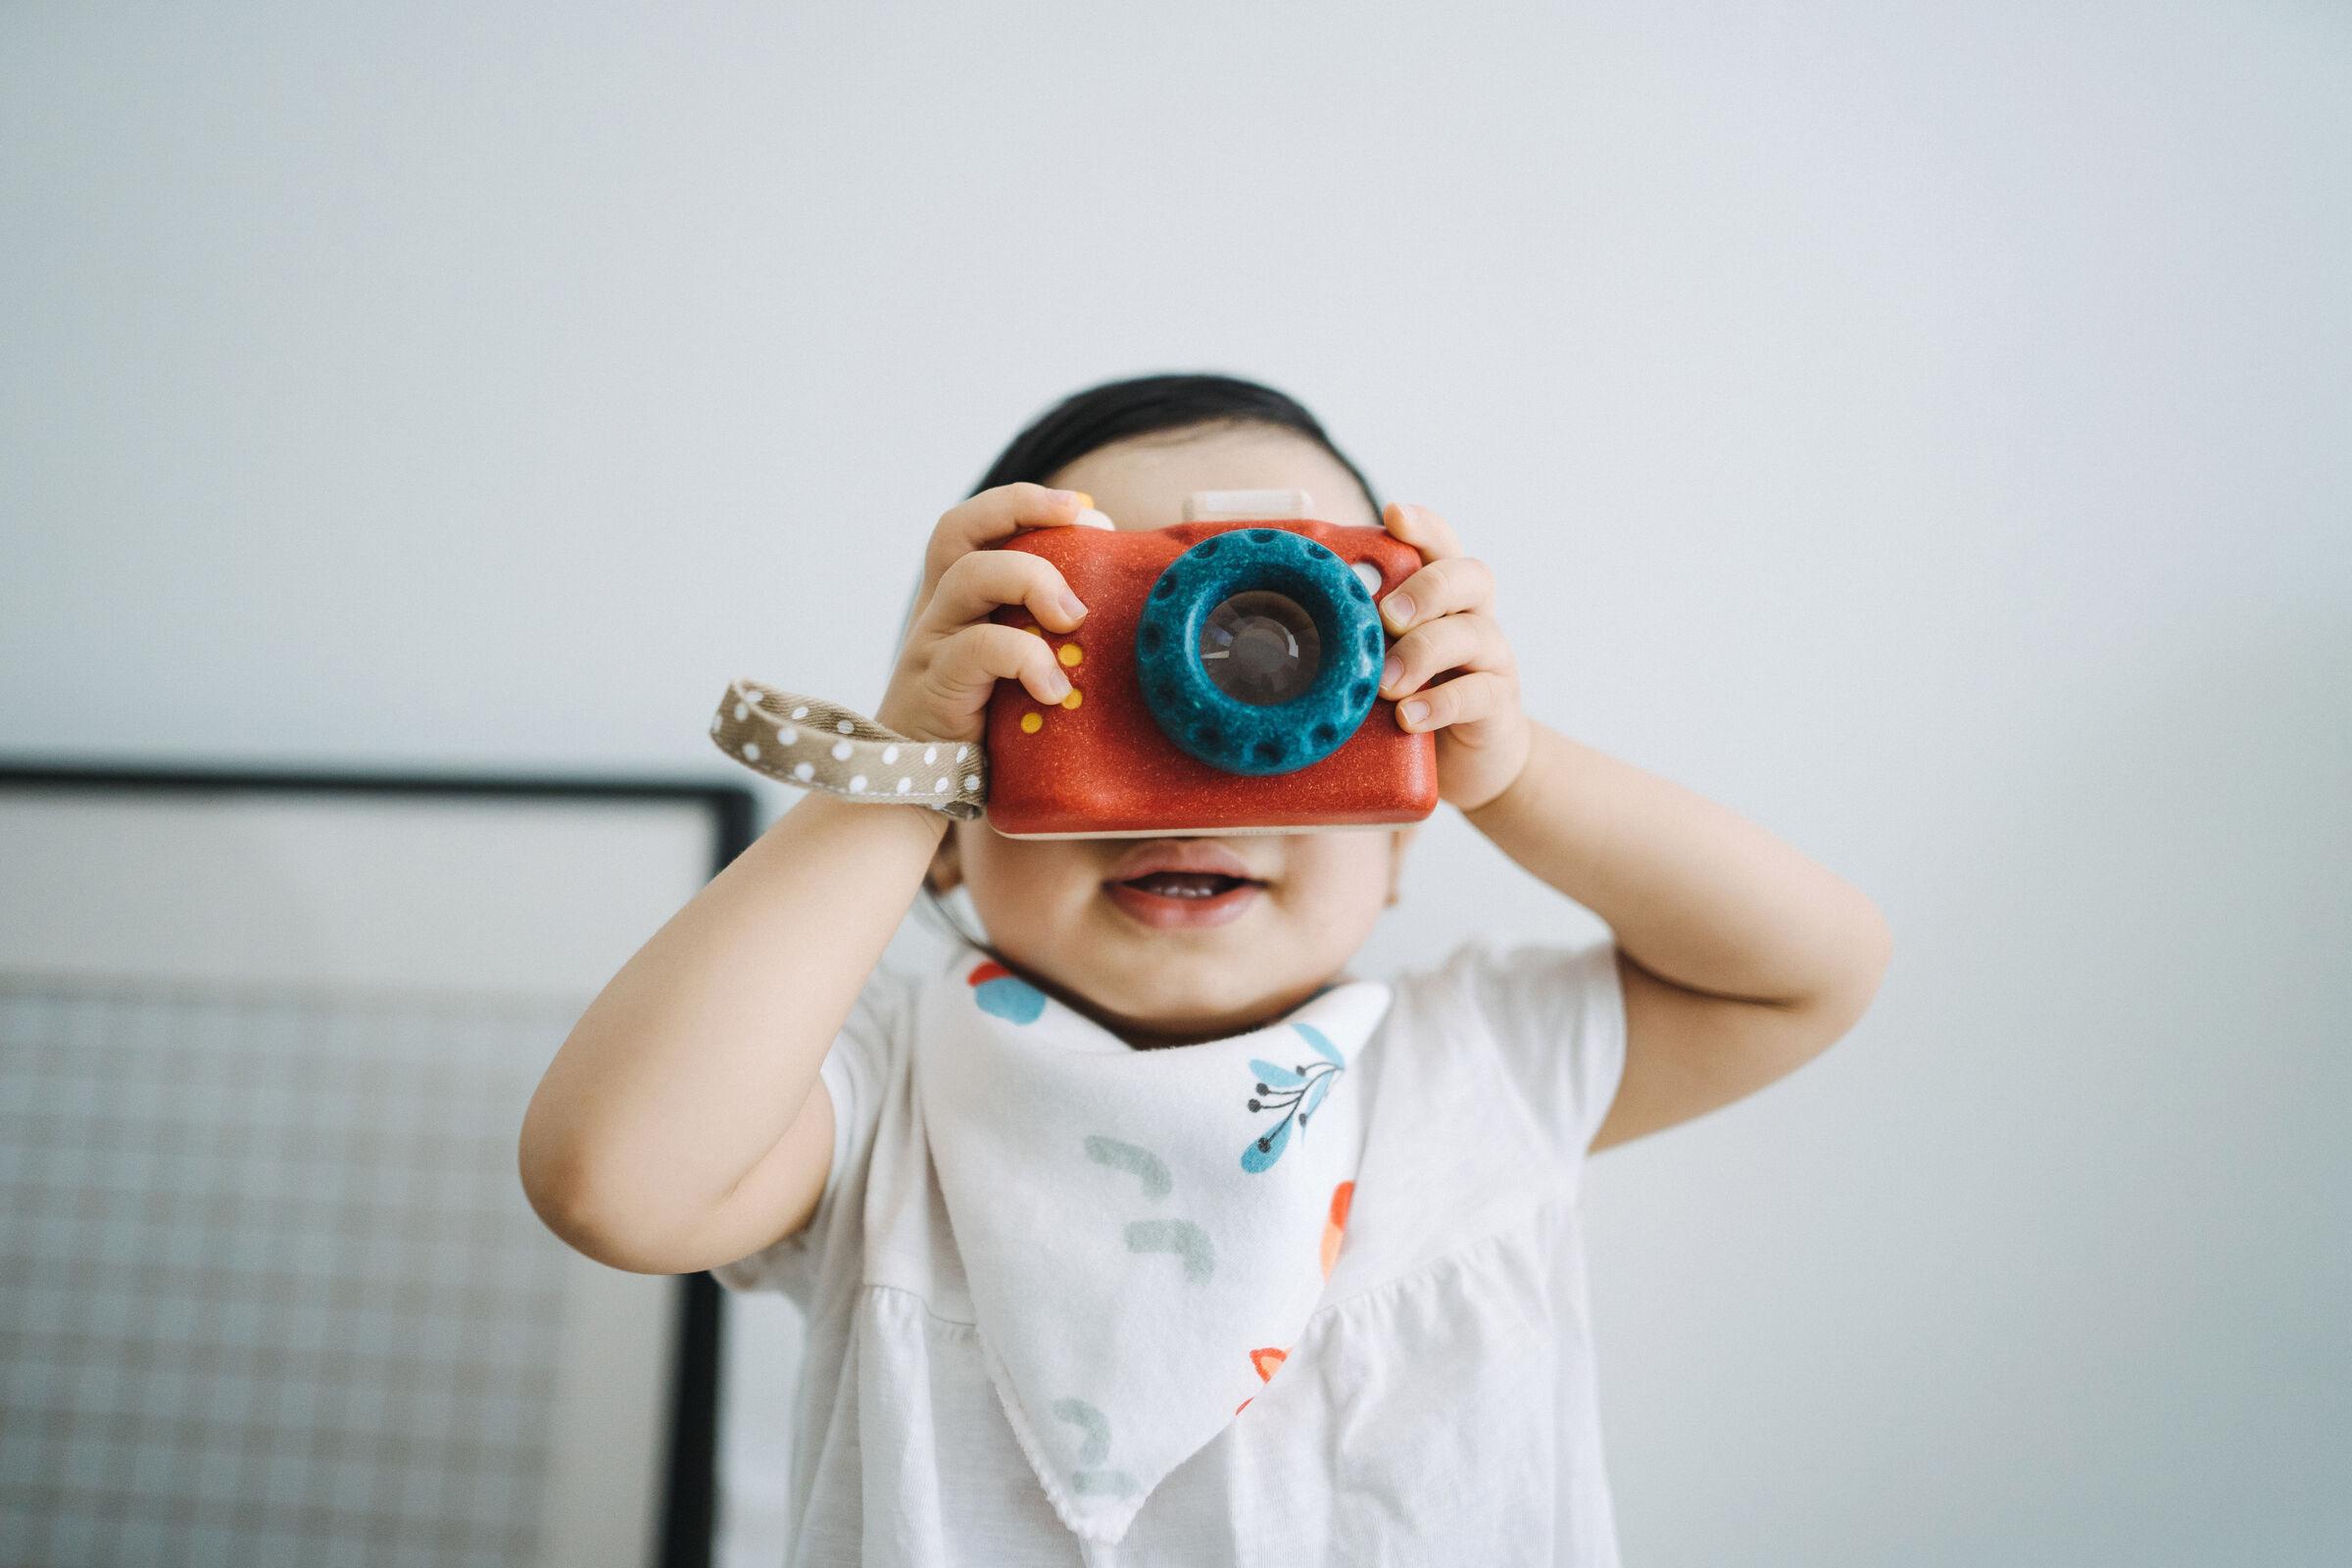 Criança-segurando-uma-maquina-fotografica-de-brinquedo